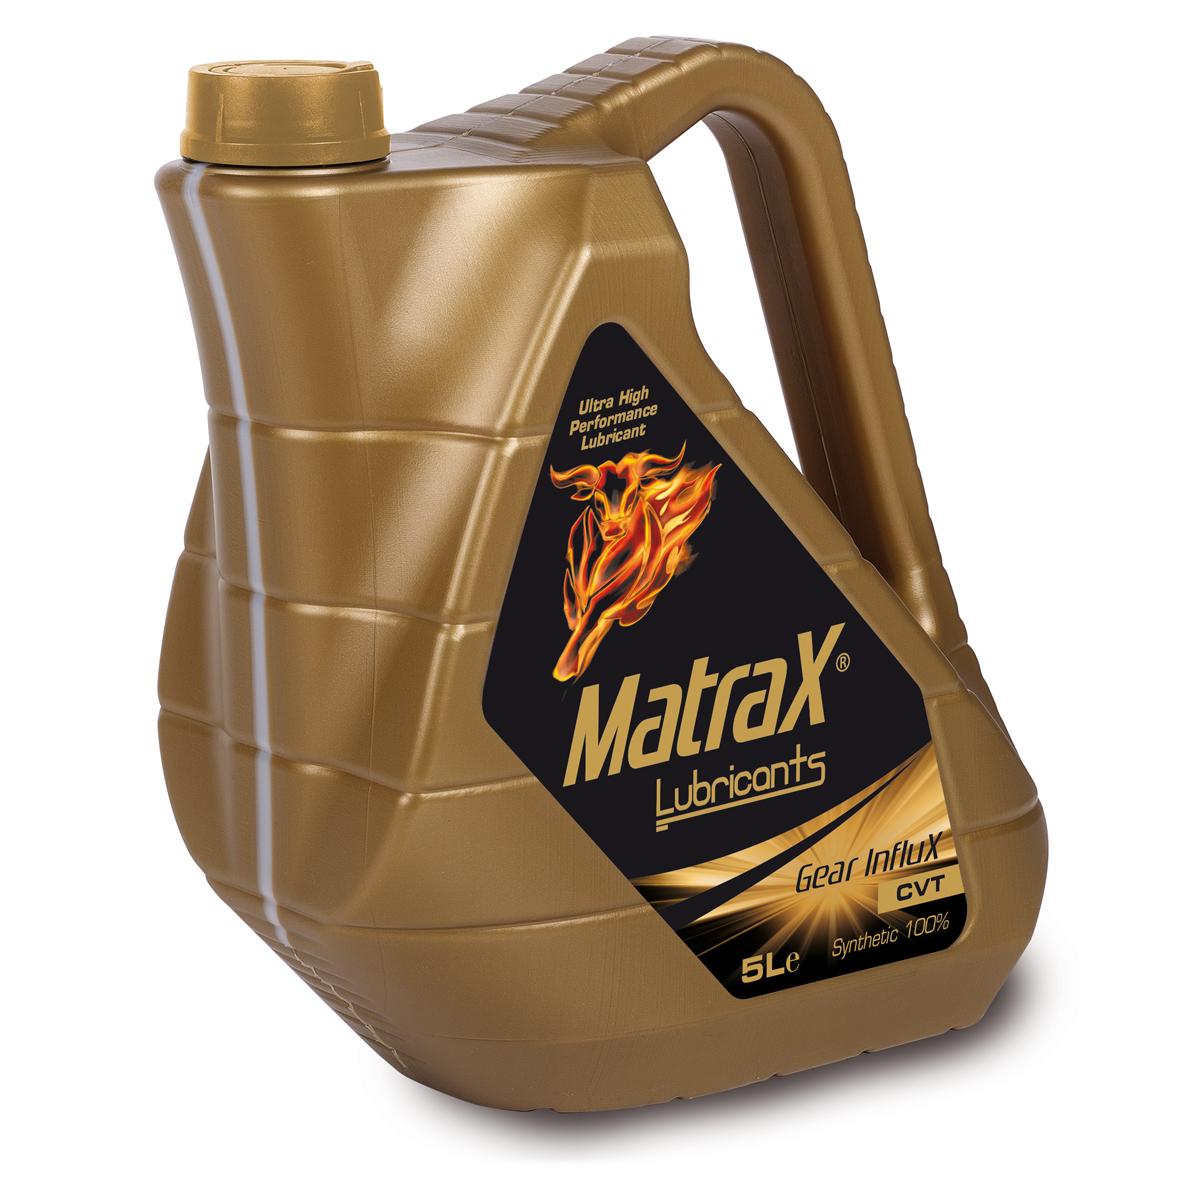 matrax-lubricants-gear-influx-CVT-5l